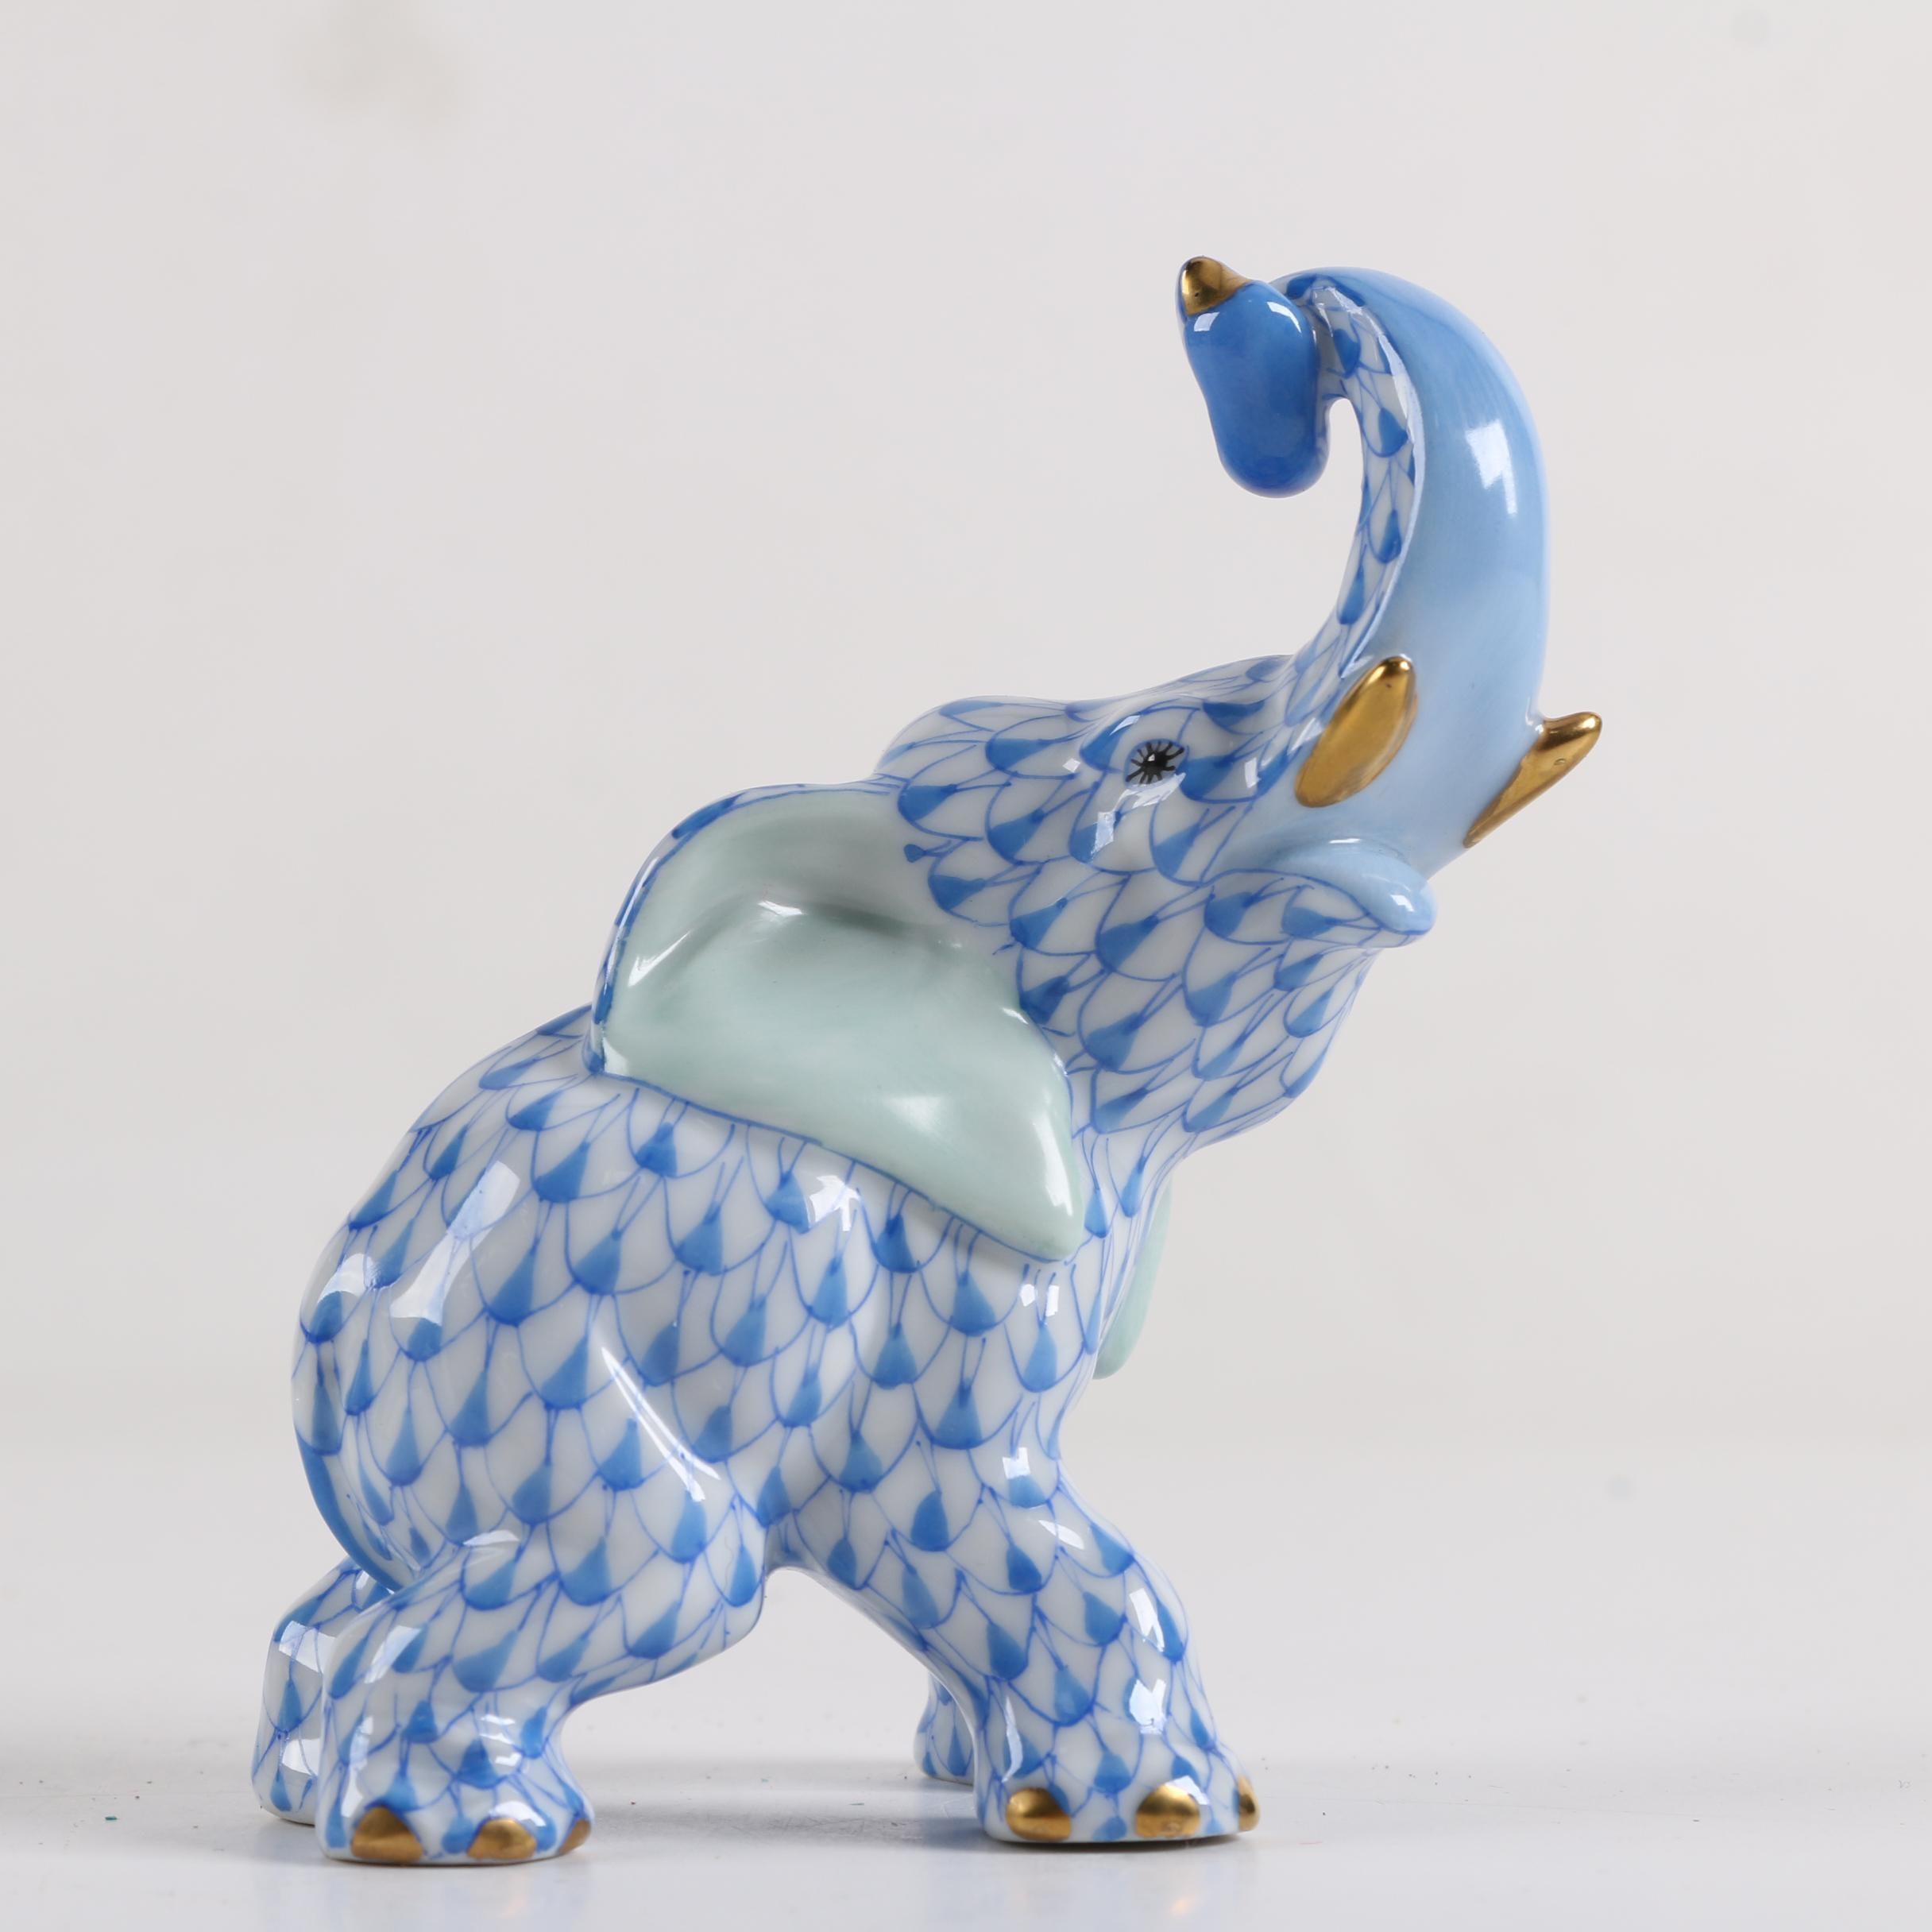 Herend Hungary Porcelain Elephant Figurine